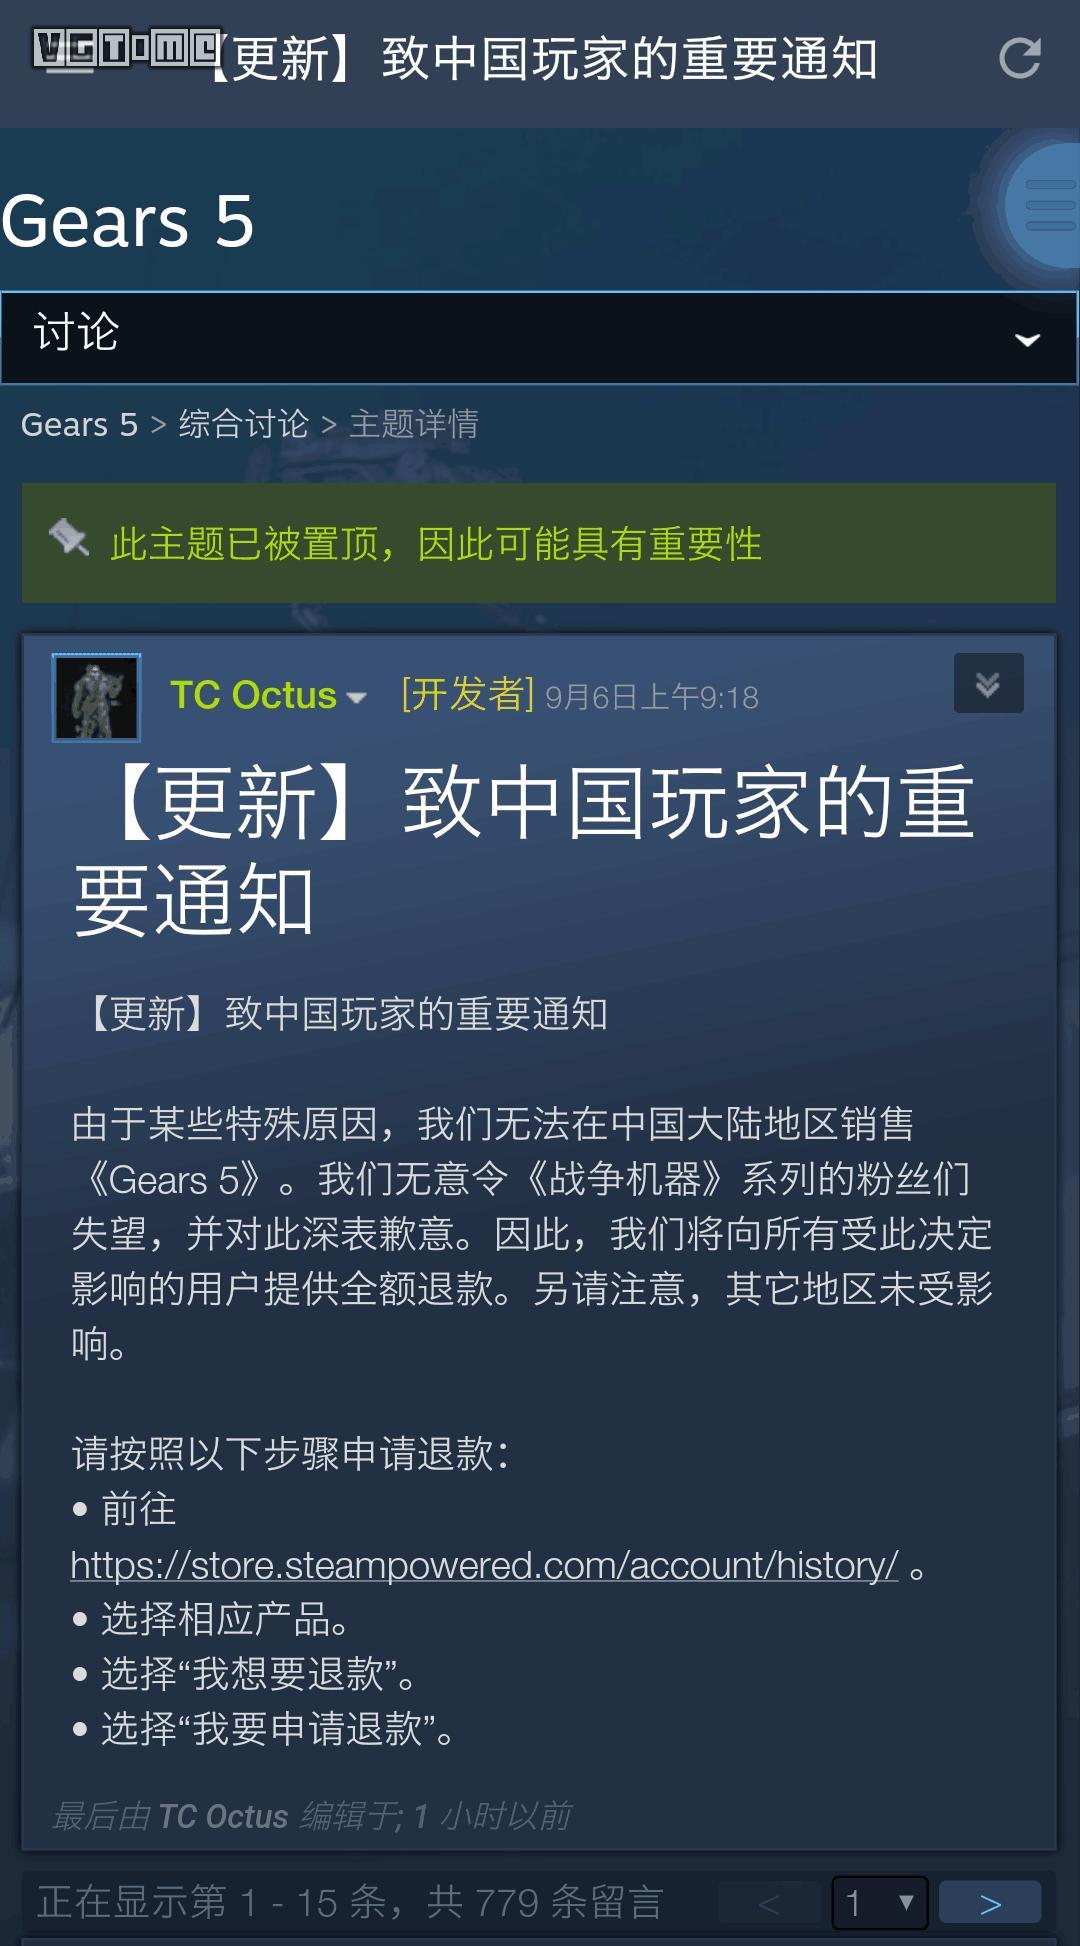 《战争机器5》确认无法在Steam国区销售 玩家可全额退款